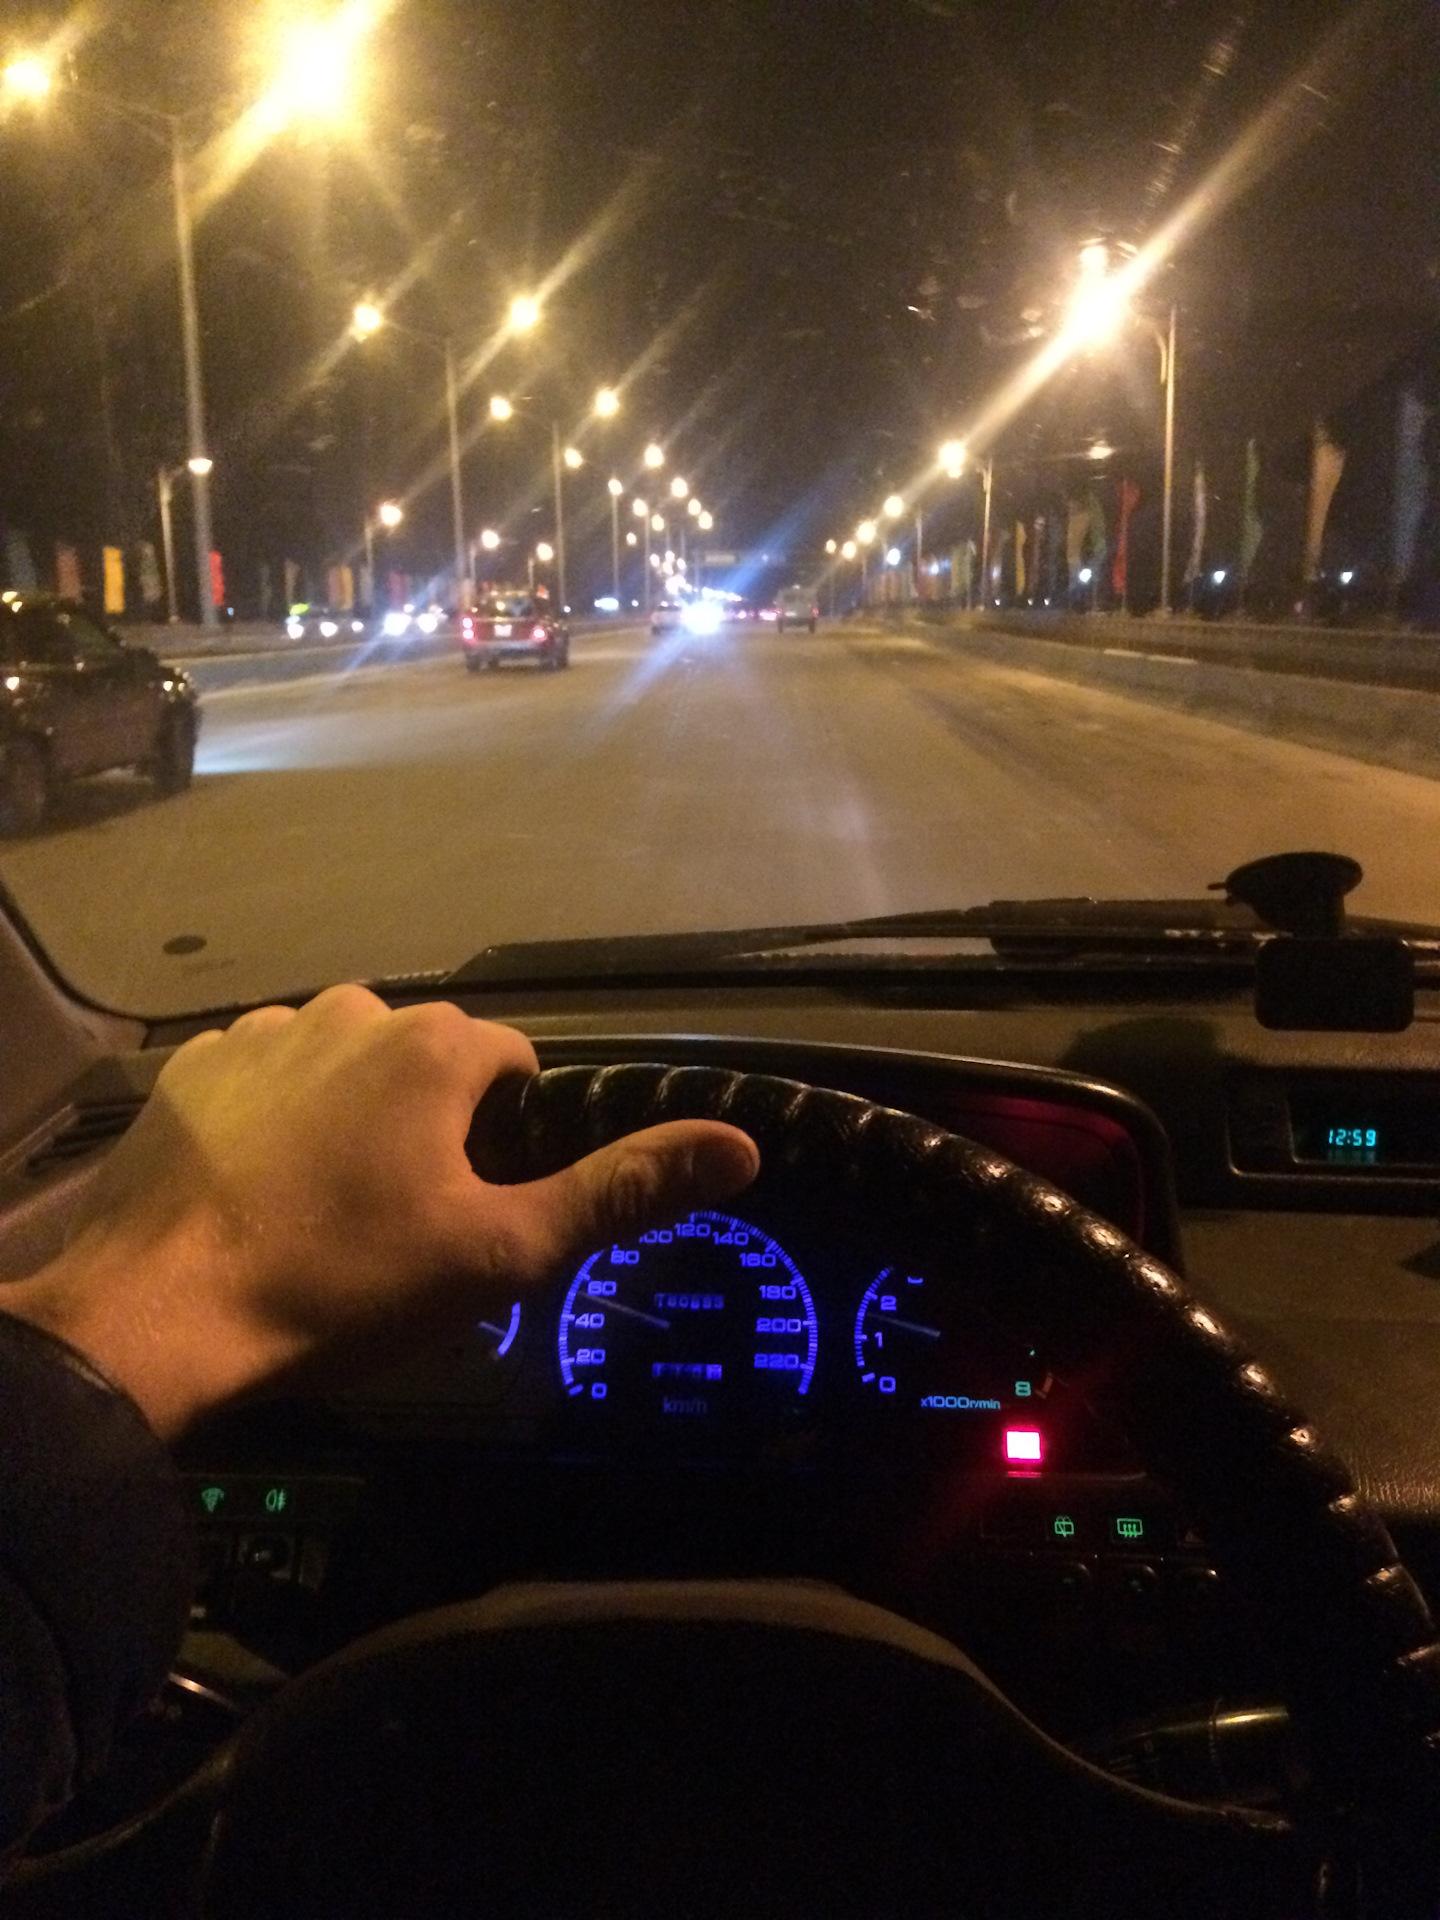 премилый фото парень в машине вечером нашем сайте